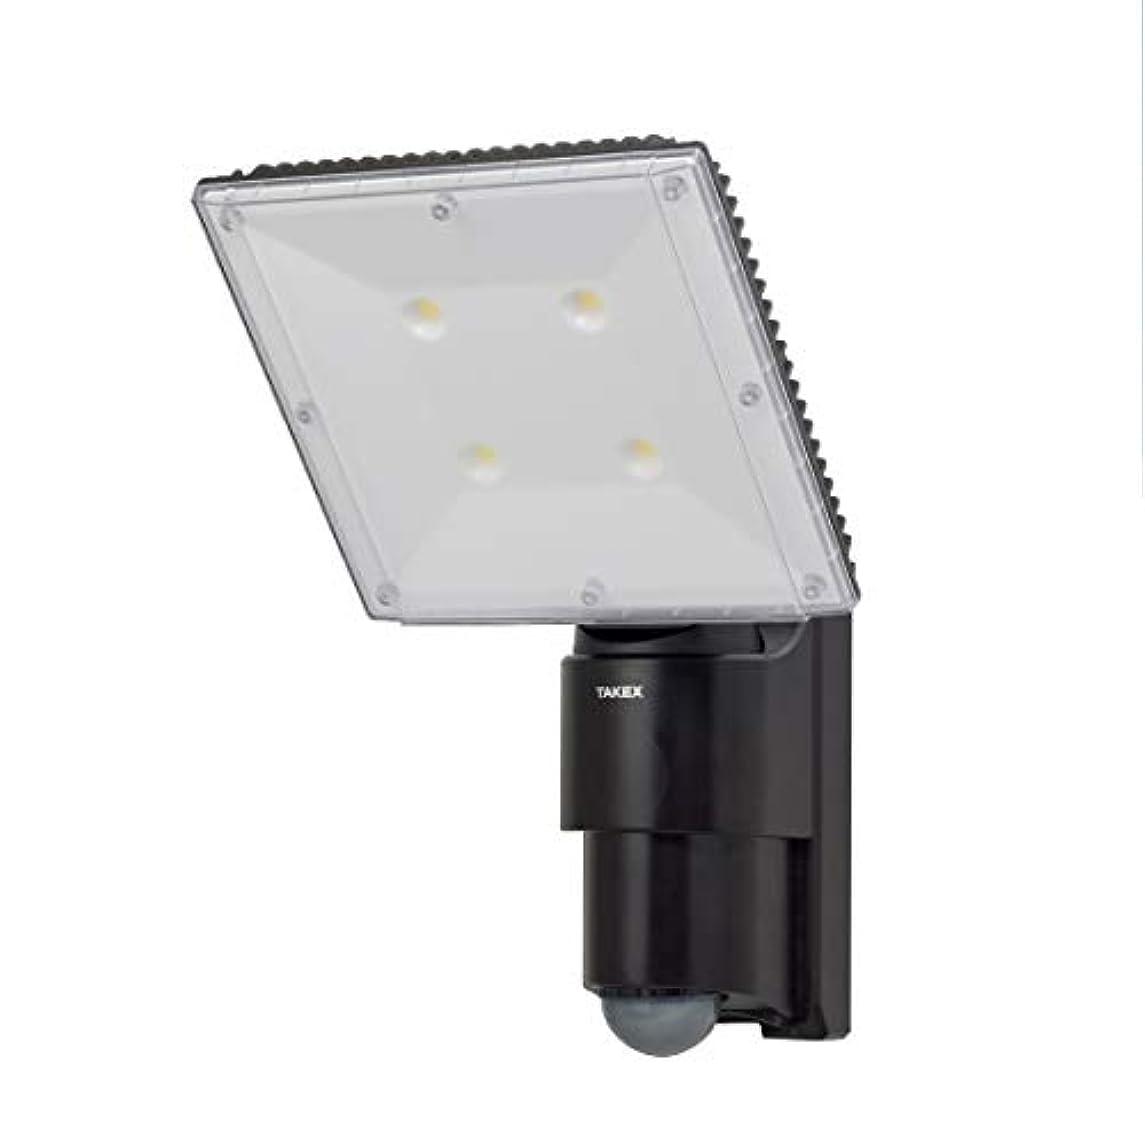 排除する組み合わせ抑制するLCL-37 LED人感ライト 最大7000lmの高照度ライトを搭載したLED人感ライト! TAKEX 竹中エンジニアリング株式会社